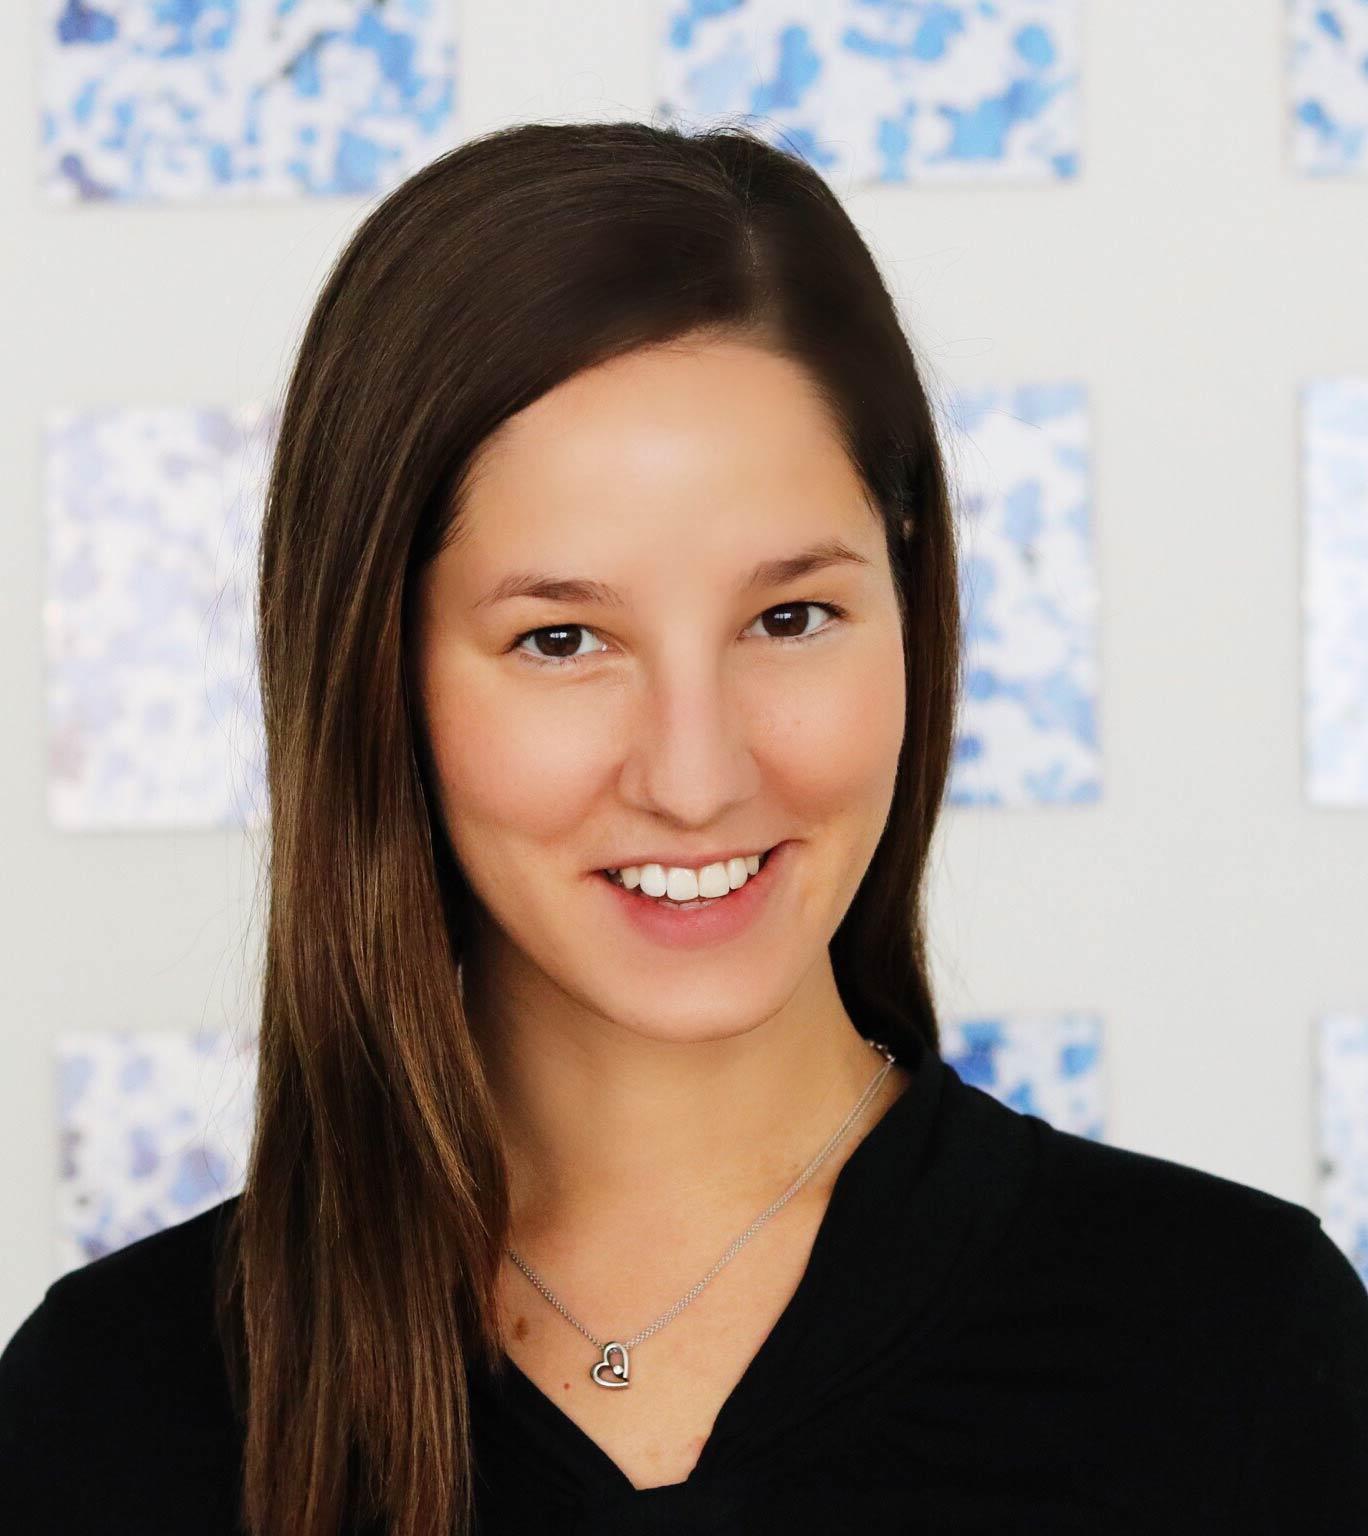 Lisa Piller